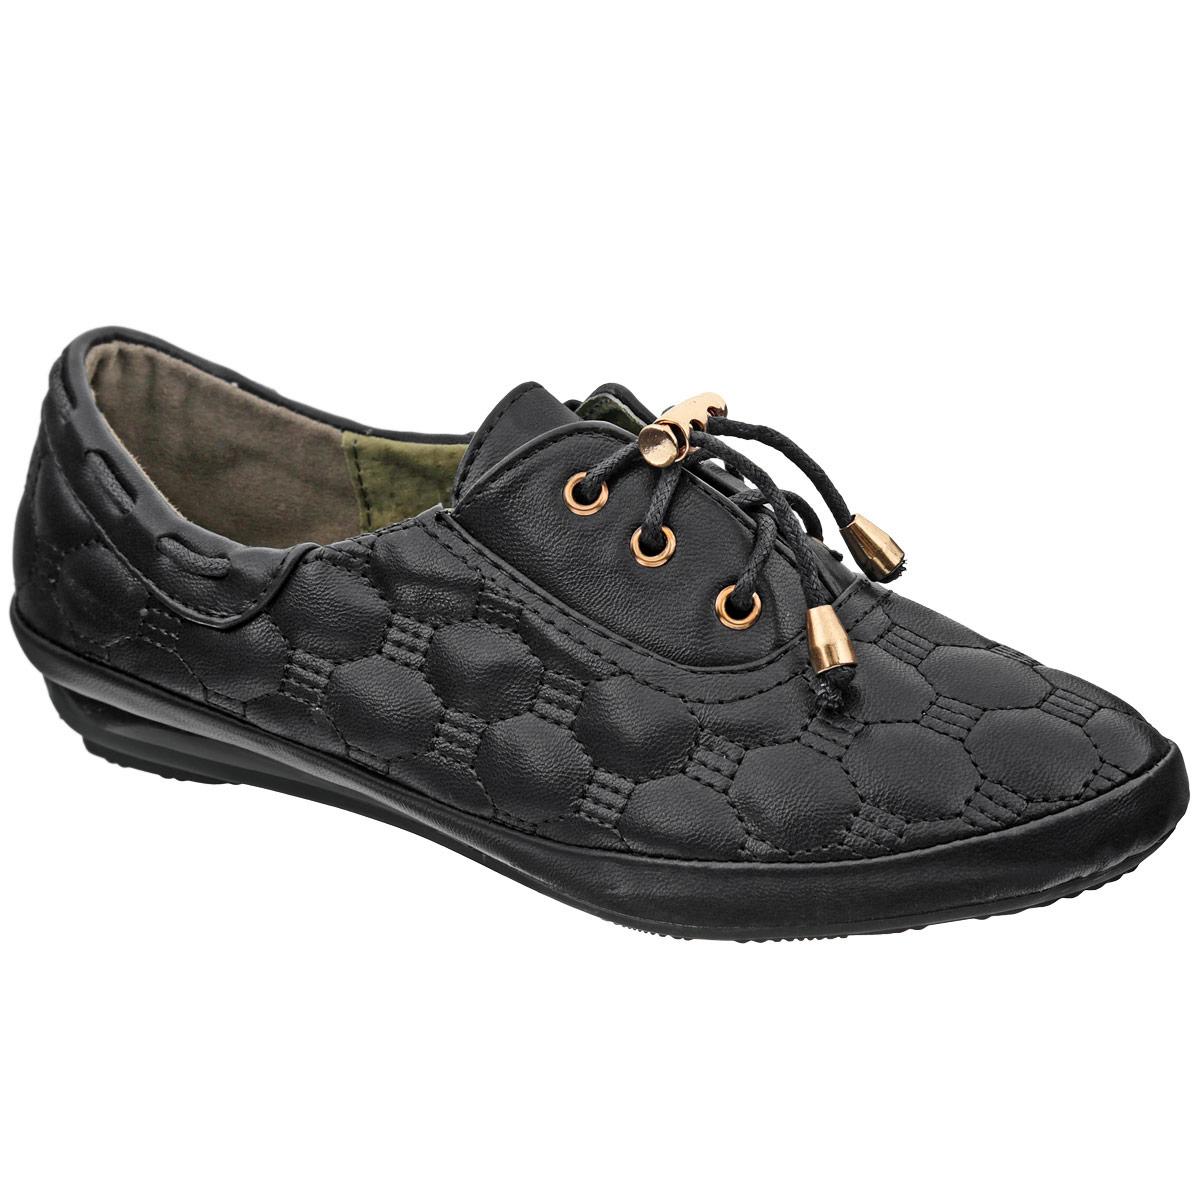 5134-15Модные полуботинки от Adagio придутся по душе вашей дочурке! Модель изготовлена из искусственной кожи и оформлена стеганым геометрическим узором. Боковые стороны декорированы шнурками. Шнуровка, дополненная металлическим бегунком, надежно зафиксирует обувь на ноге. Стелька из натуральной кожи дополнена супинатором с перфорацией, который гарантирует правильное положение ноги ребенка при ходьбе, предотвращает плоскостопие. Подошва с рифлением в виде цветочного рисунка защищает изделие от скольжения. Стильные полуботинки займут достойное место в гардеробе вашего ребенка.